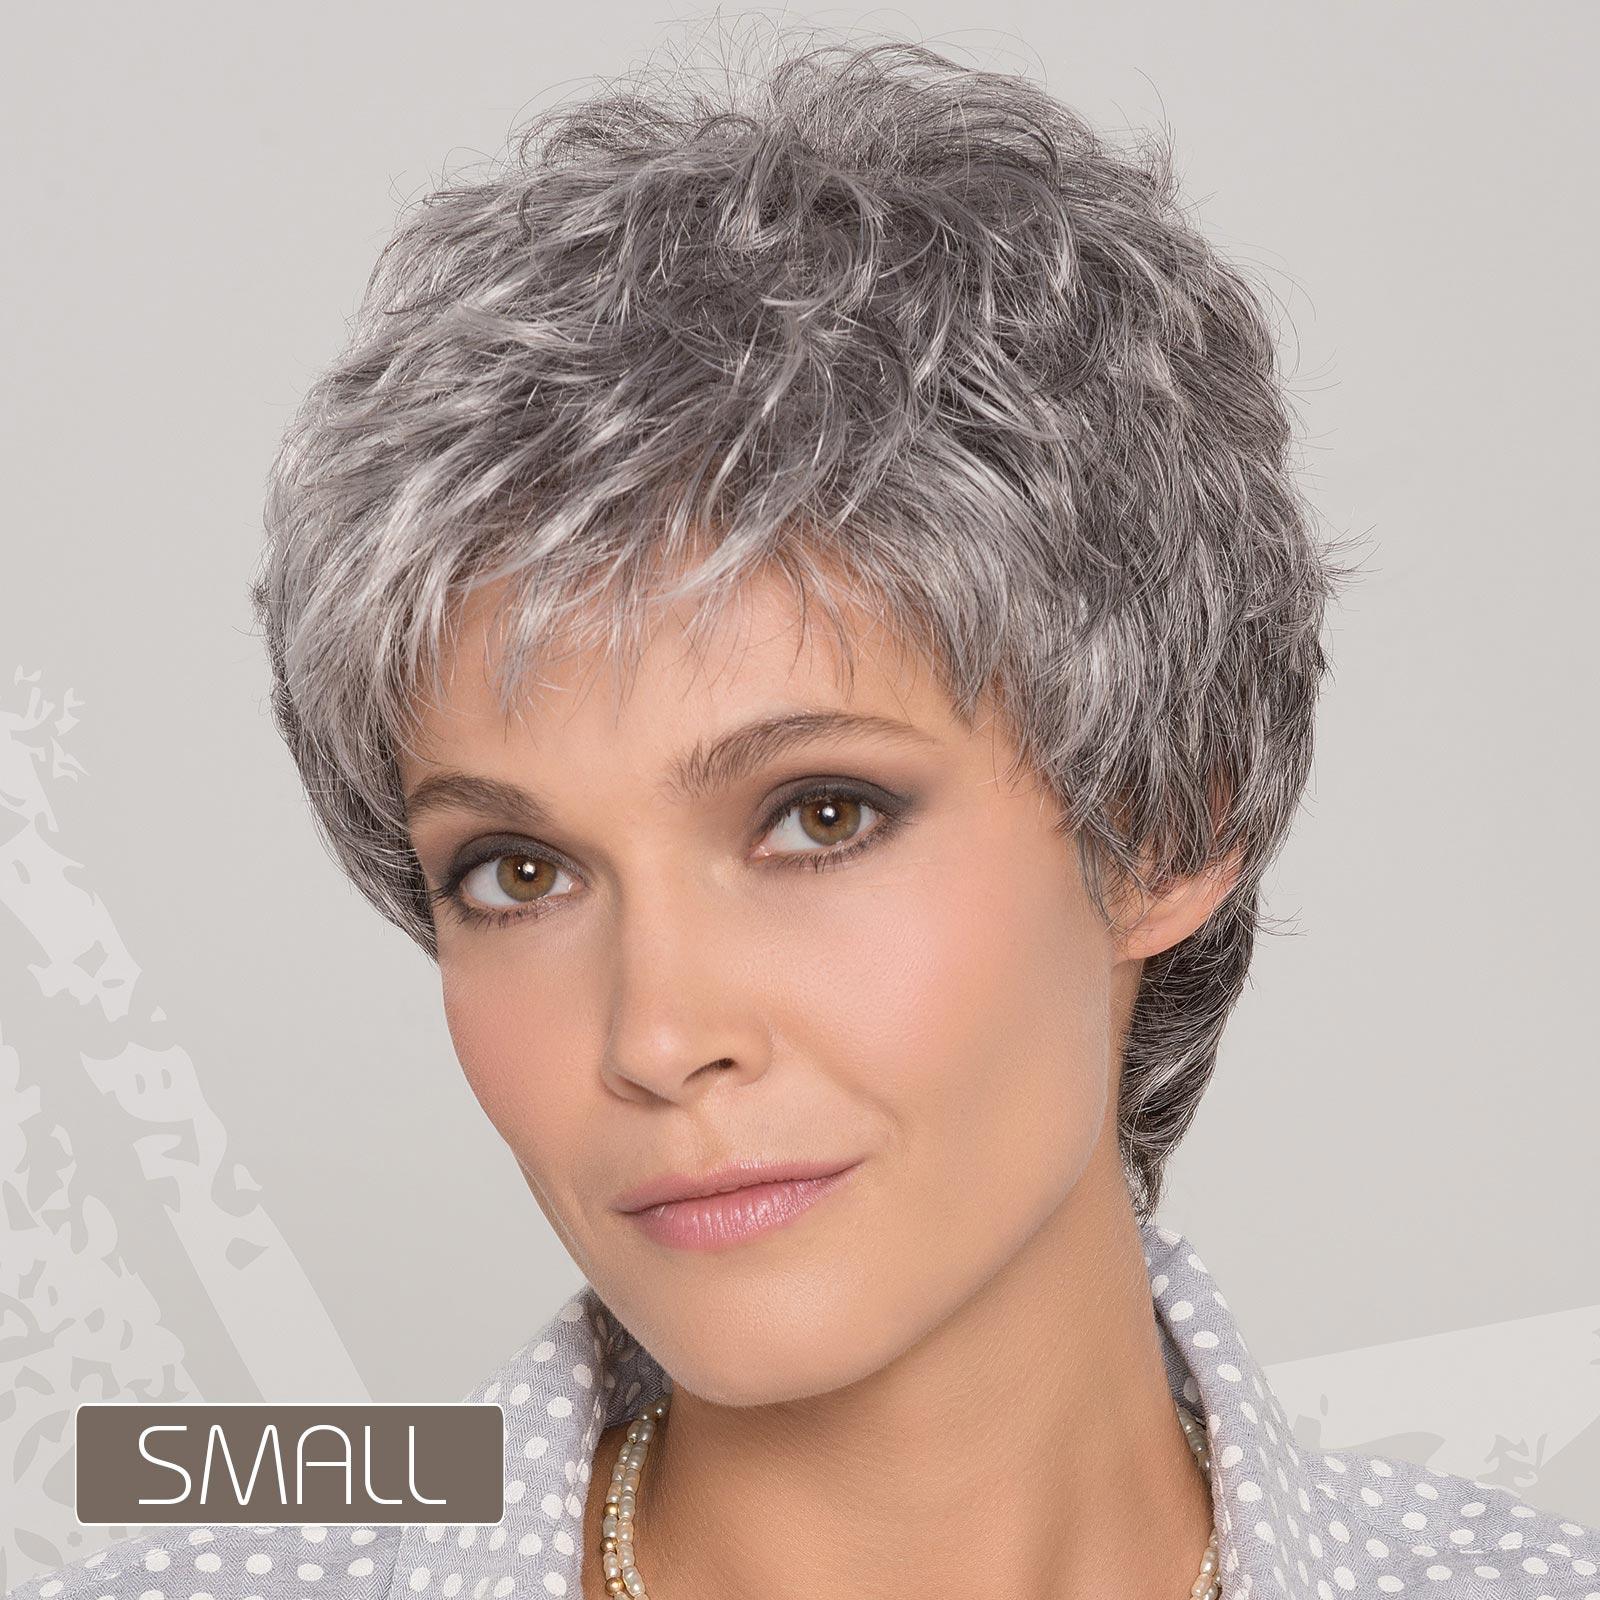 Prótese Capilar Coleção Modixx HairWear Modelo Lina Small